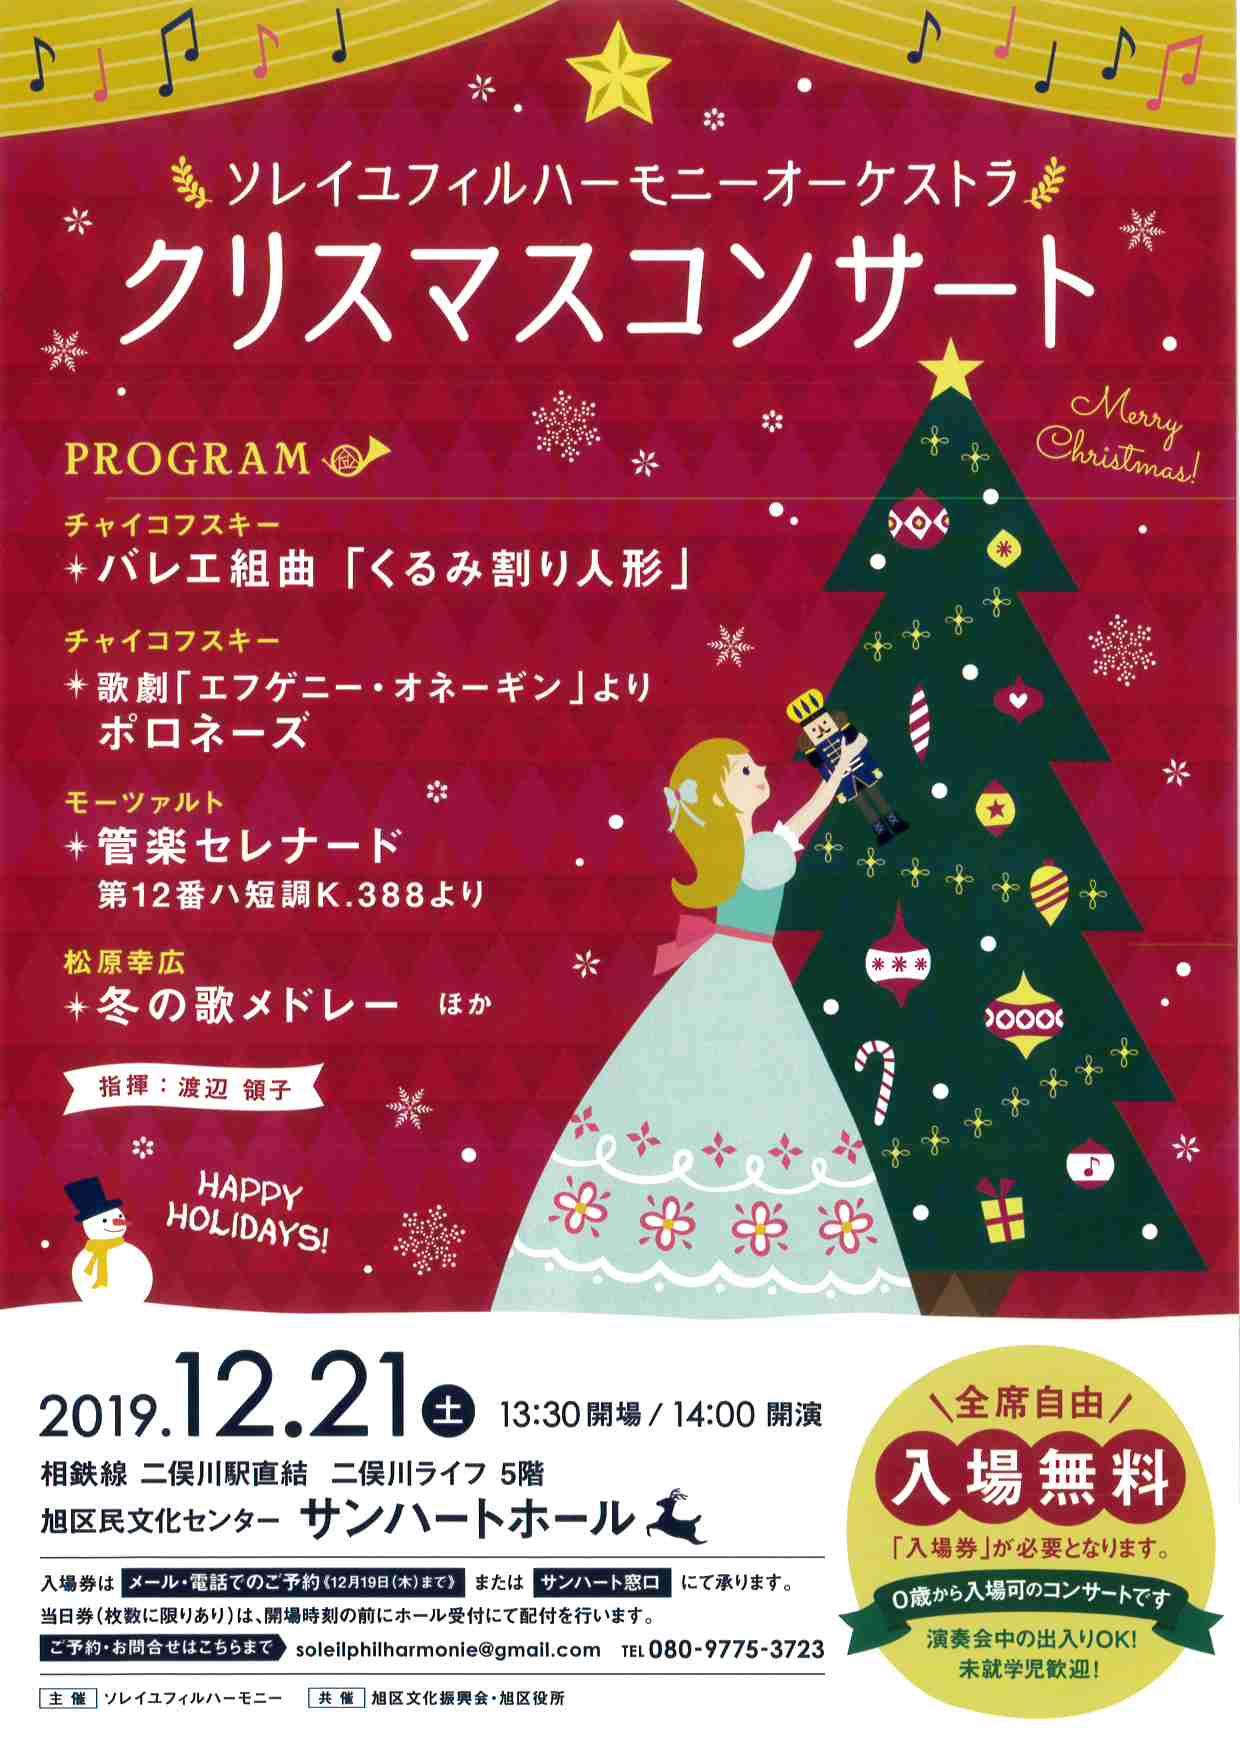 ソレイユフィルハーモニーオーケストラ クリスマスコンサート